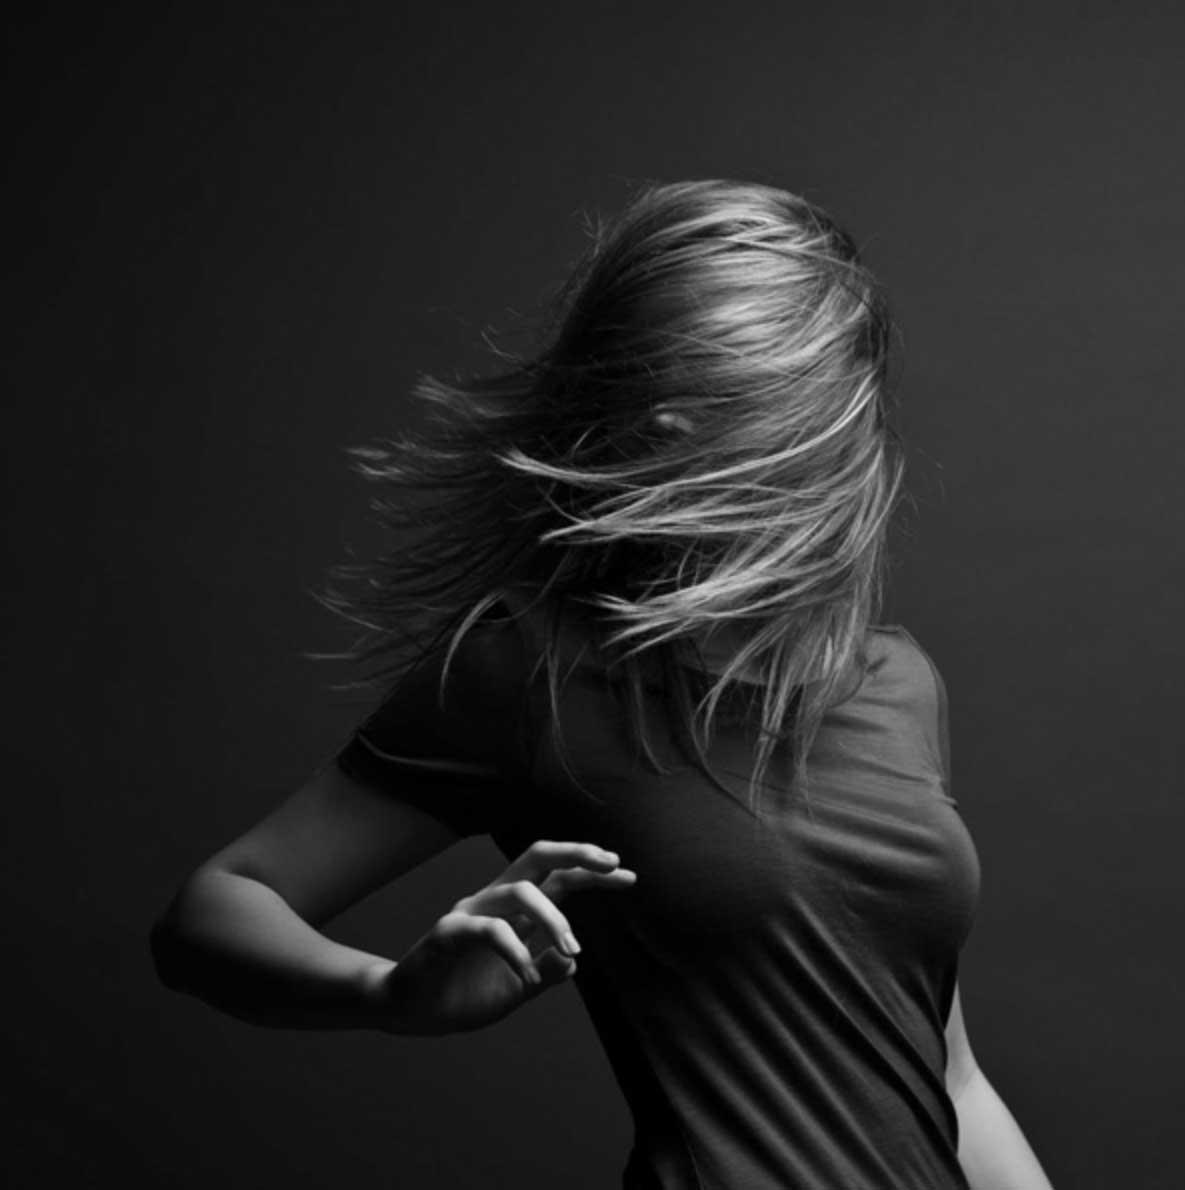 Haarprächtige Frauenportraits